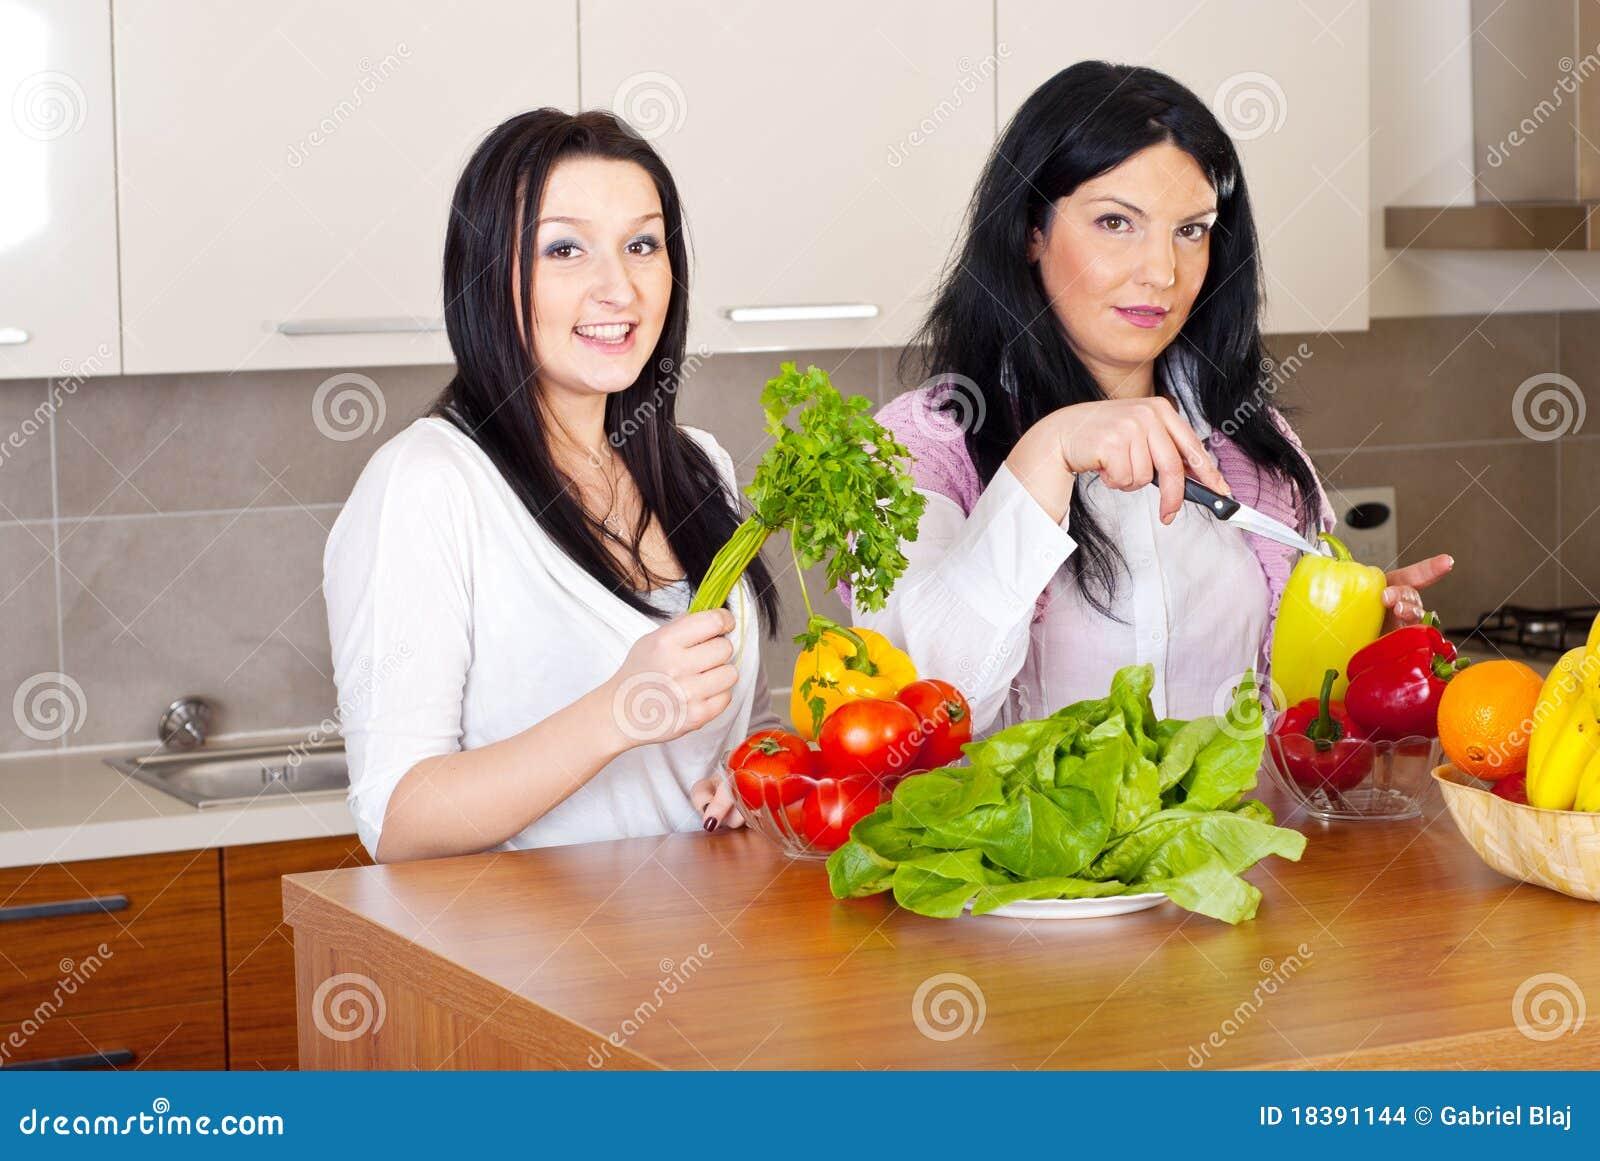 обед подготовляет 2 женщин